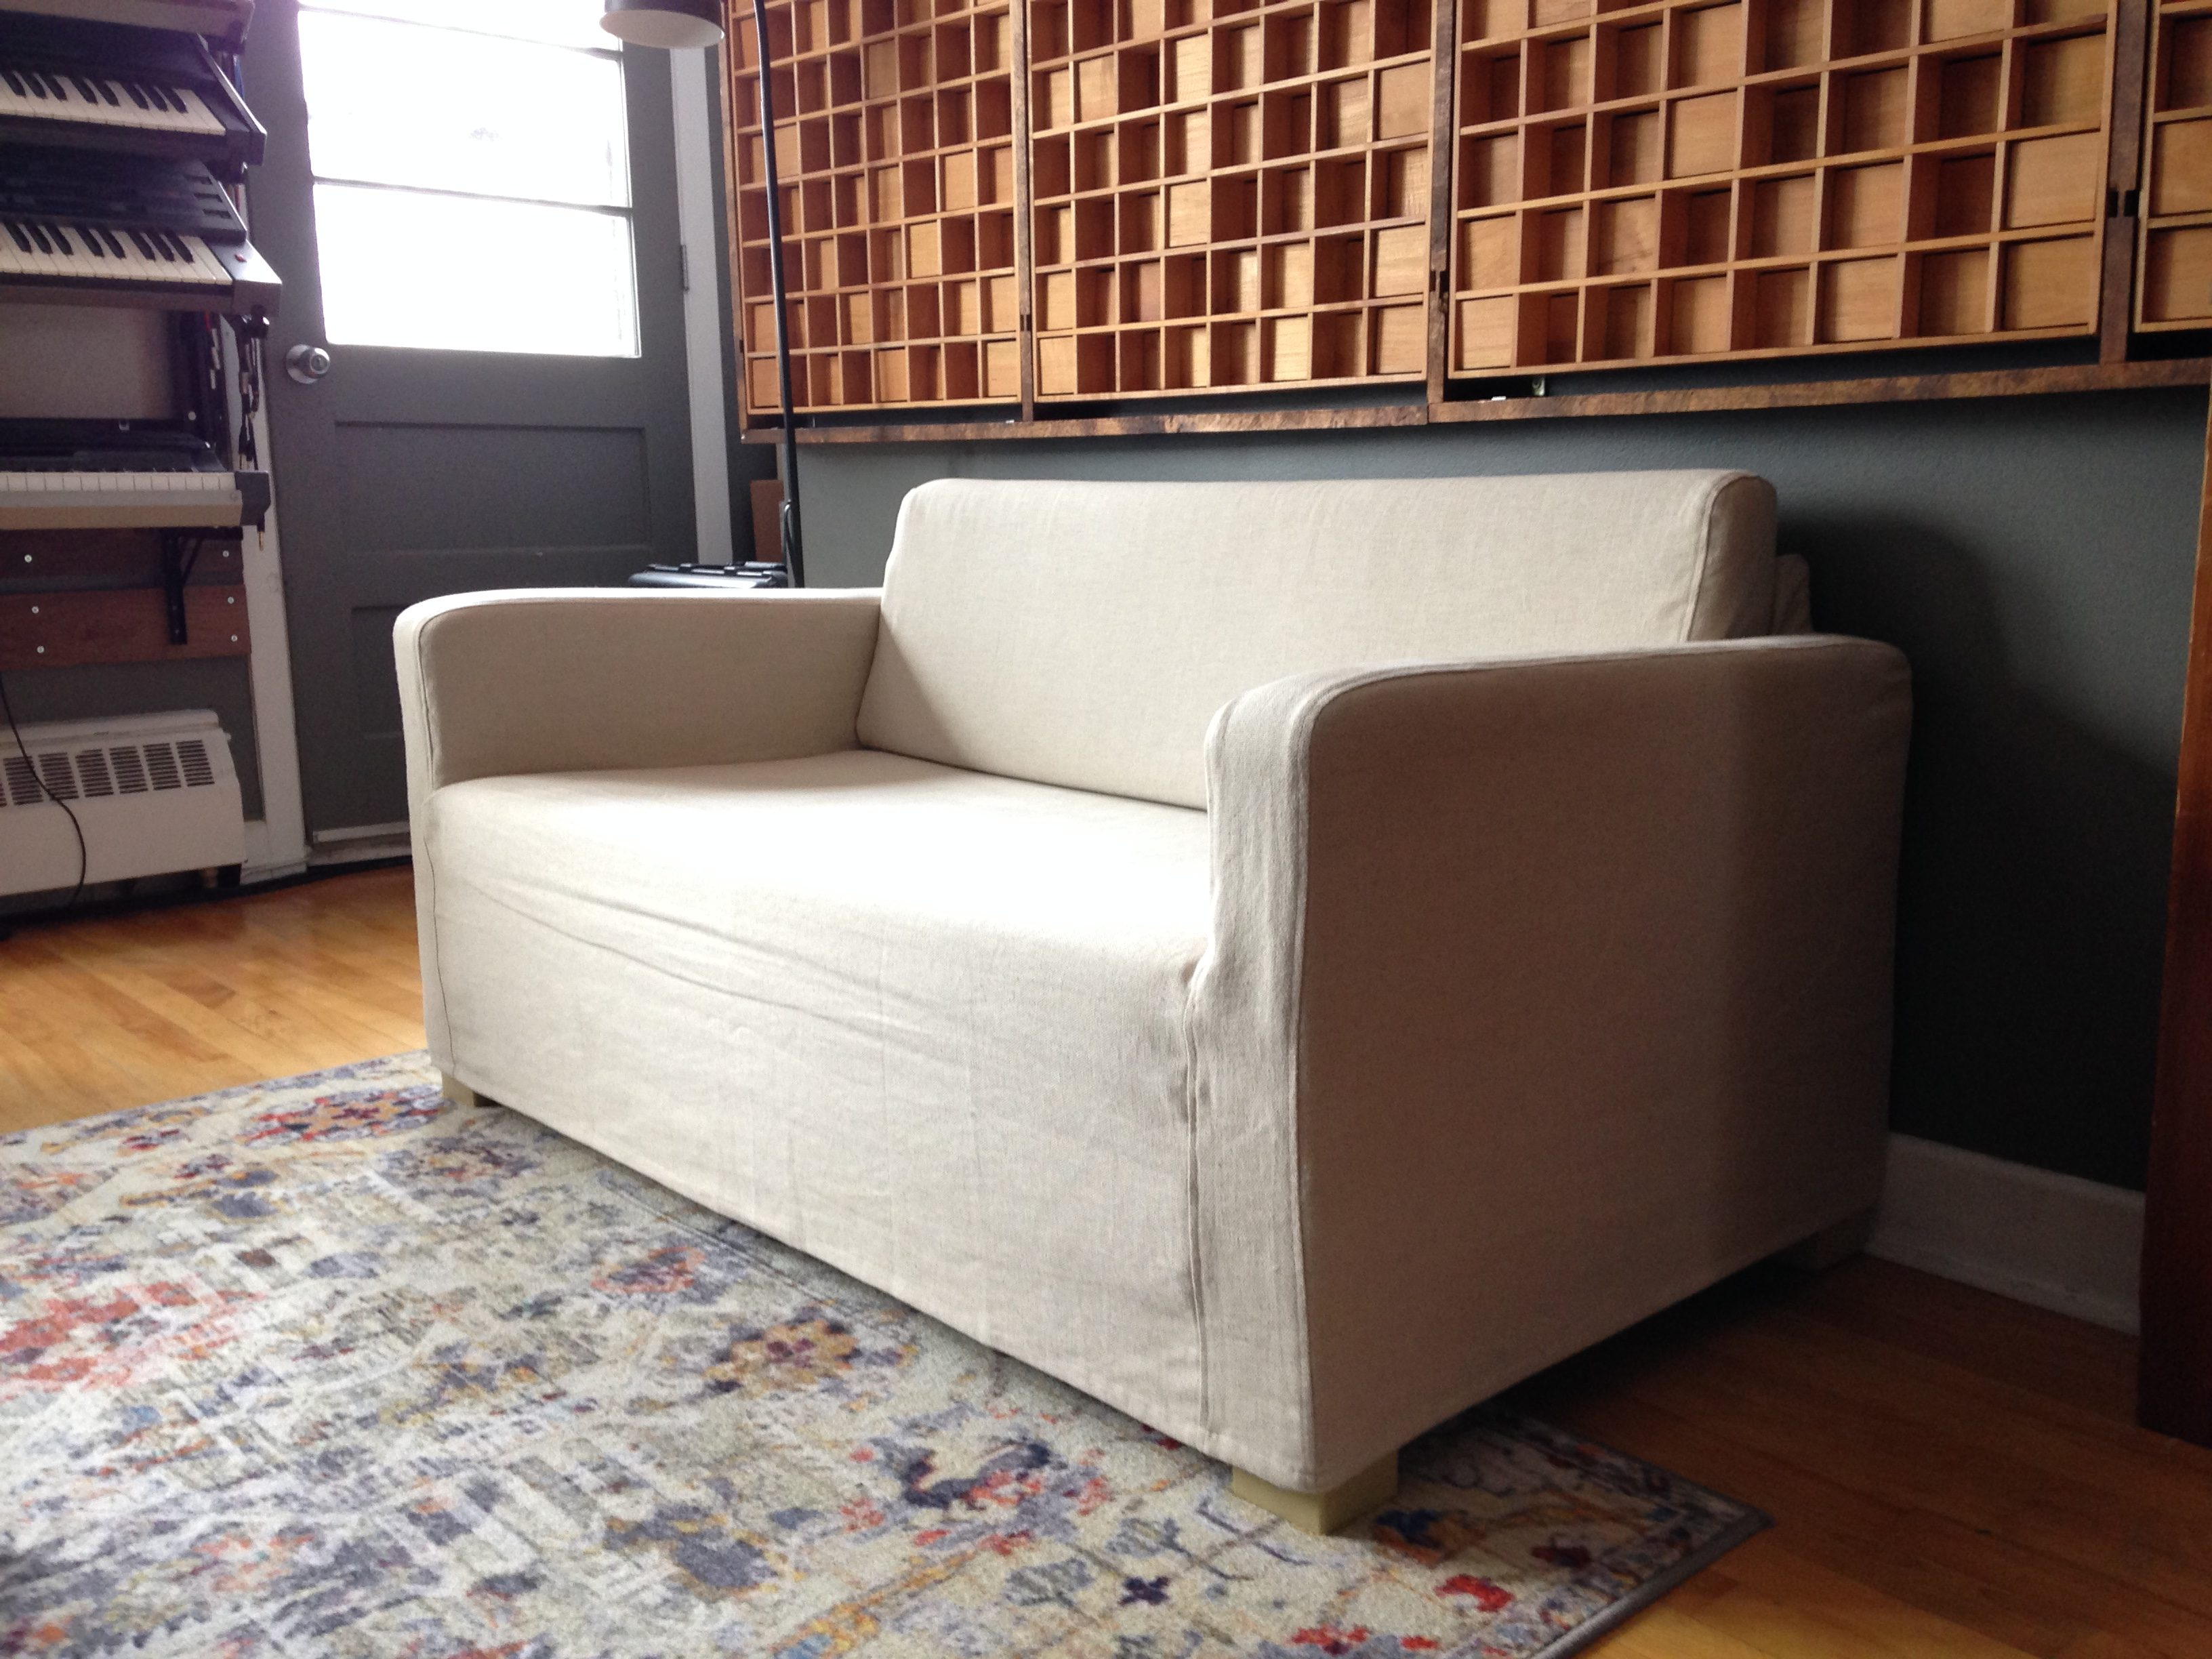 Divano Letto Ikea Modello Solsta.La Top 5 Dei Divani Letto Ikea Comfort Works Blog Design Inspirations